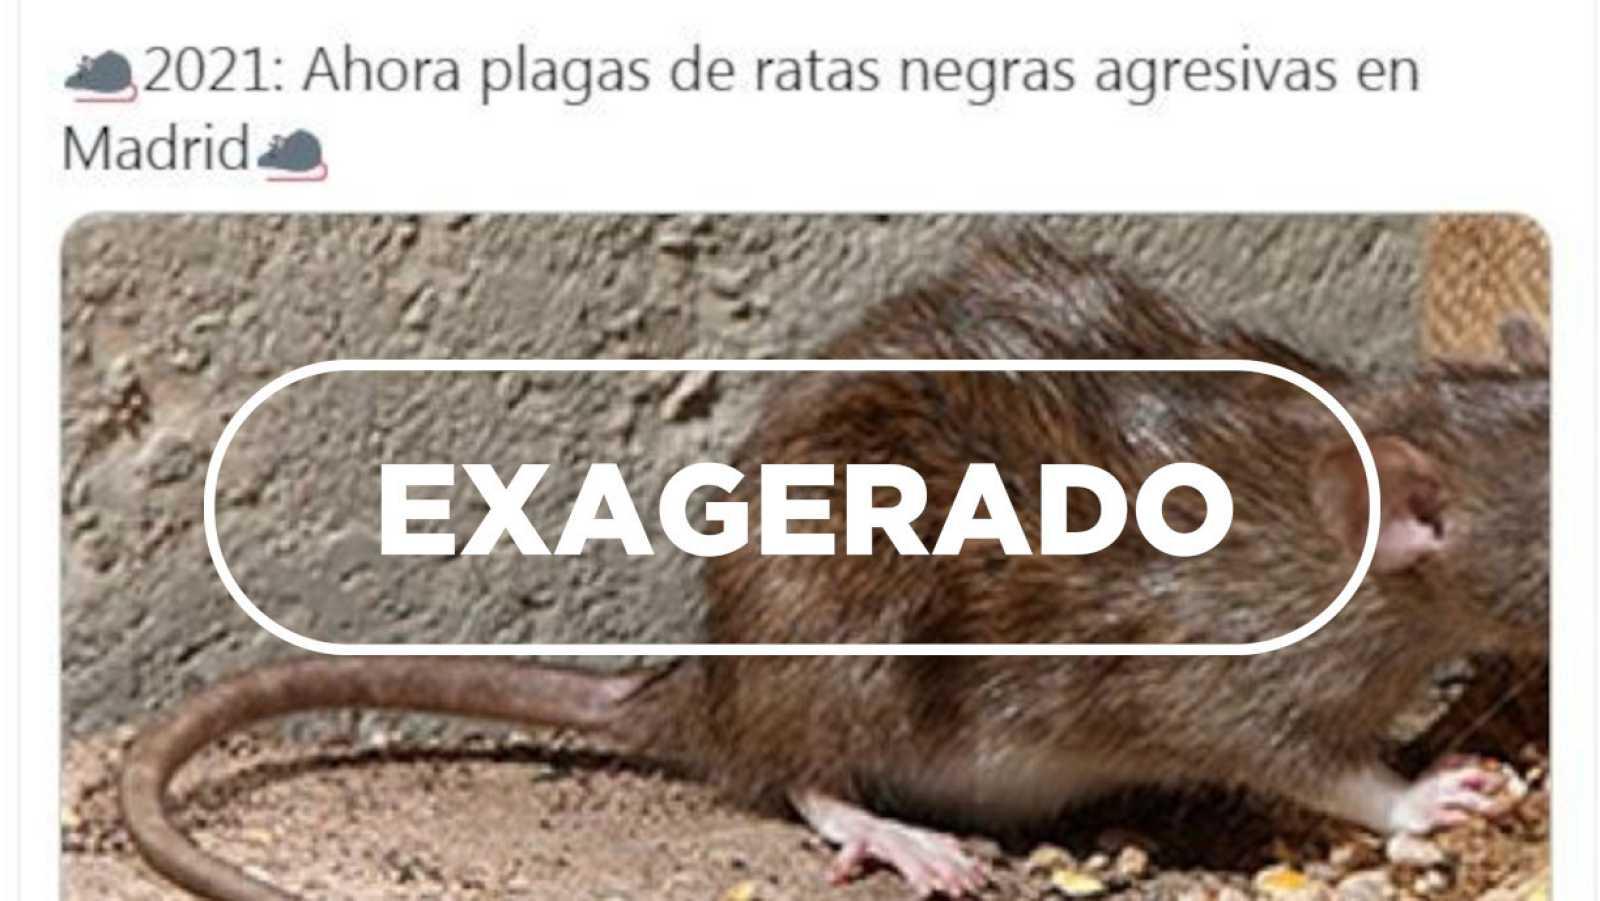 Detalle de la captura de uno de los tuits alertando sobre la presencia de ratas en Madrid y el sello de VerificaRTVE con la palabra exagerado.